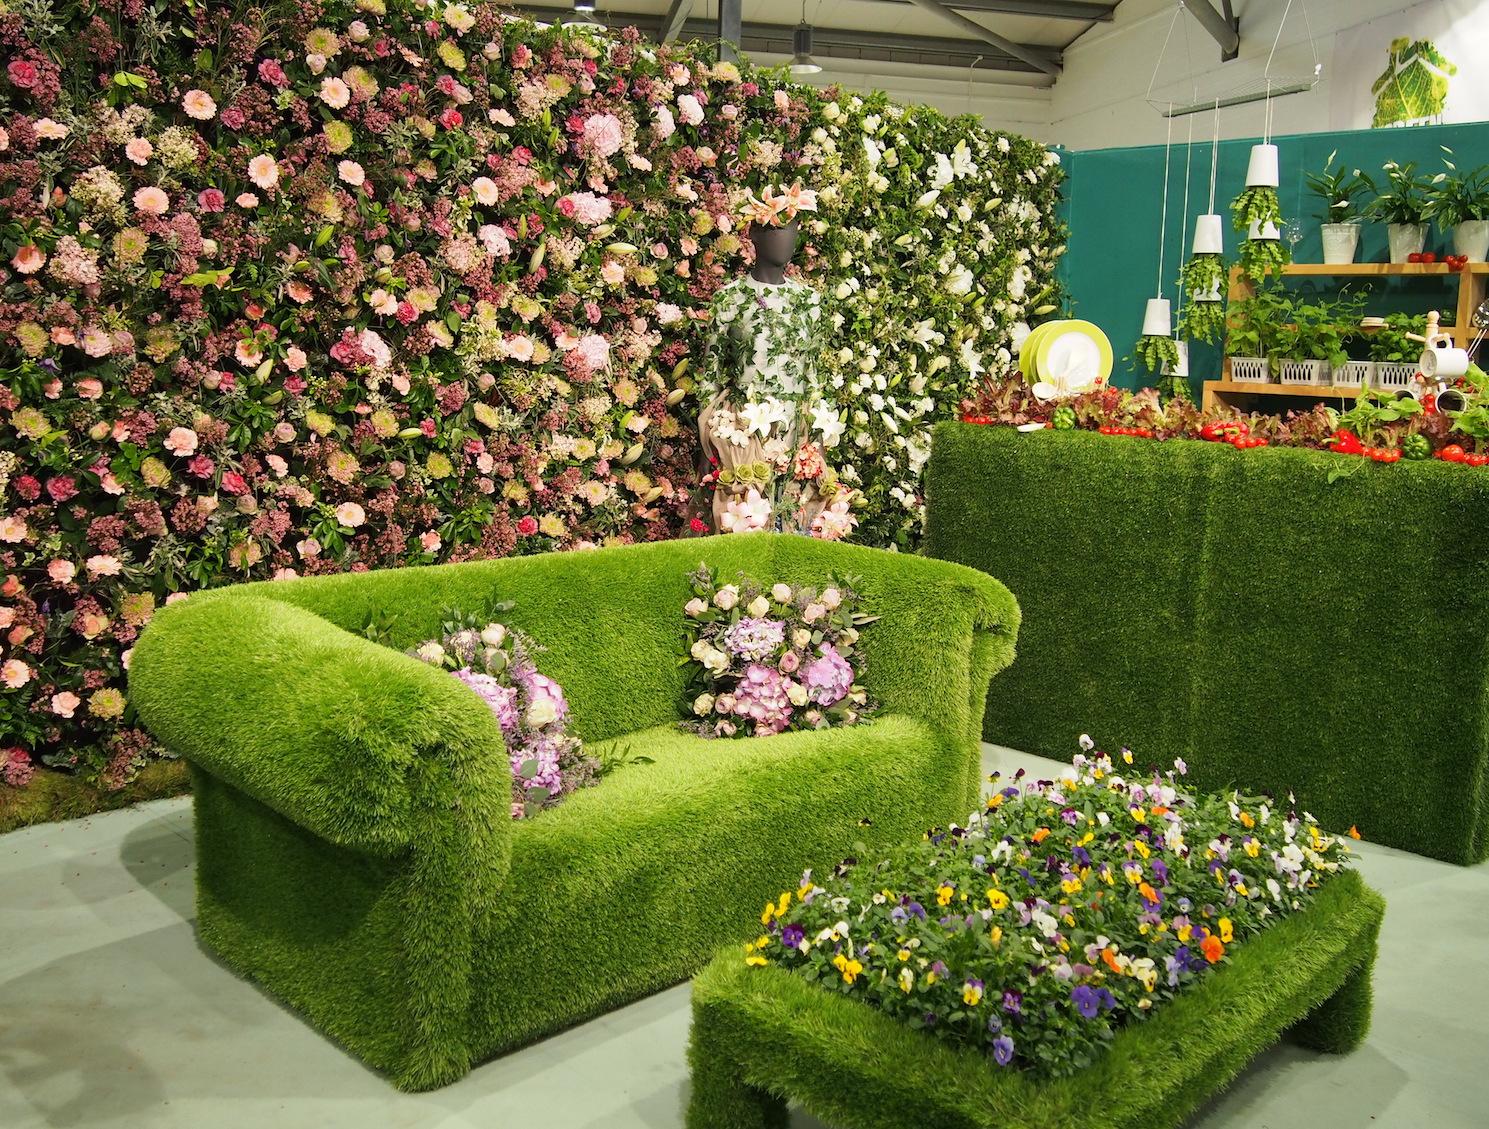 Gardening News: Harrogate Spring Flower Show